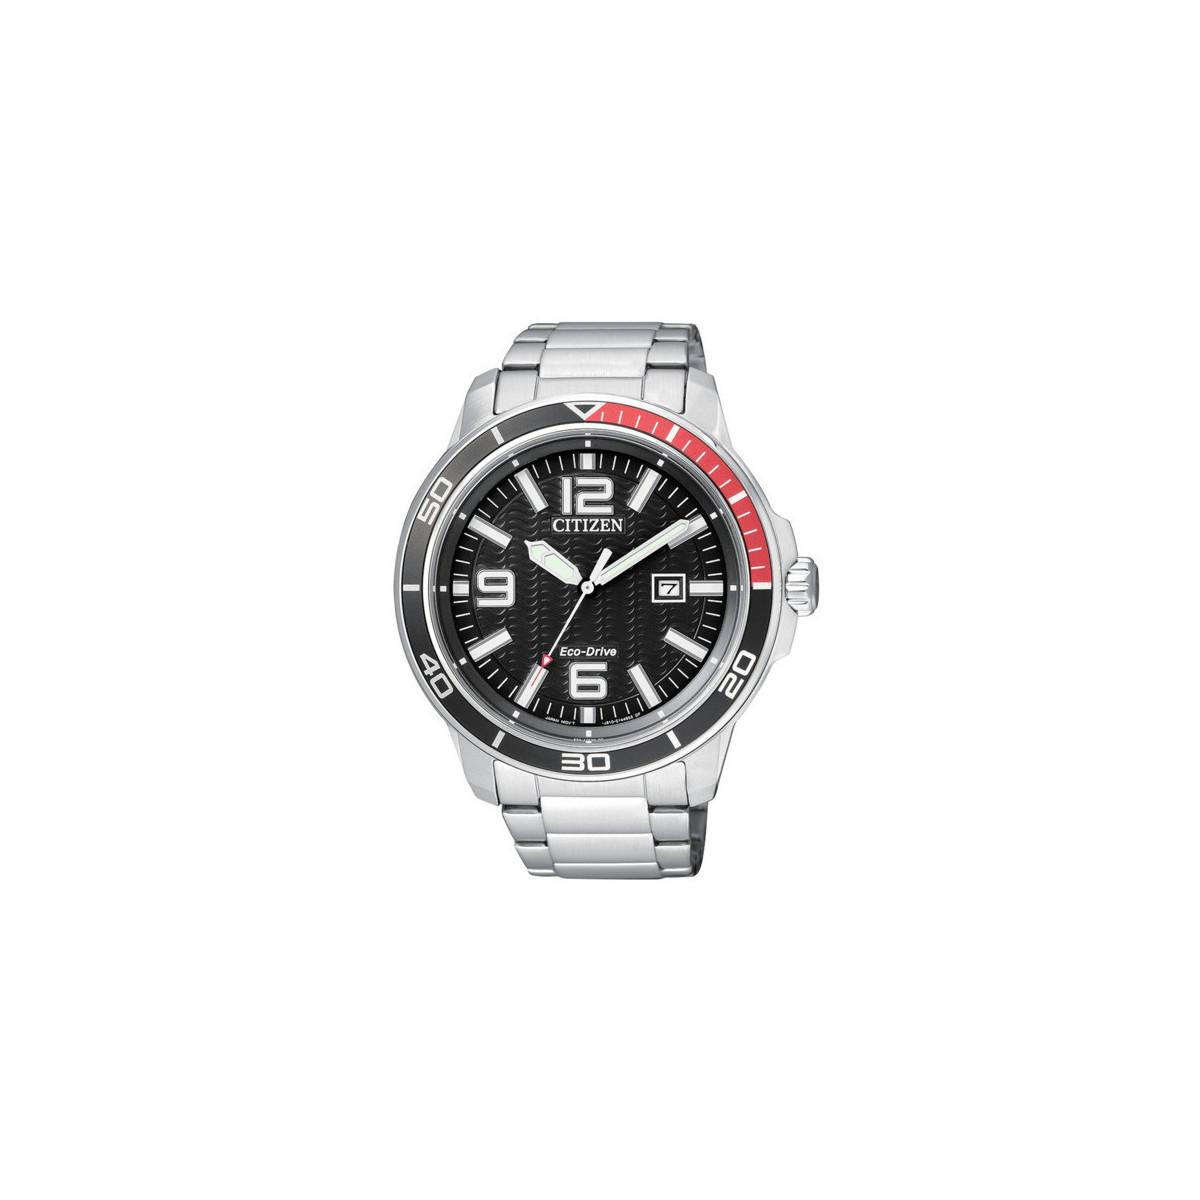 Reloj Citizen Eco-Drive Marine Hombre AW1520-51E